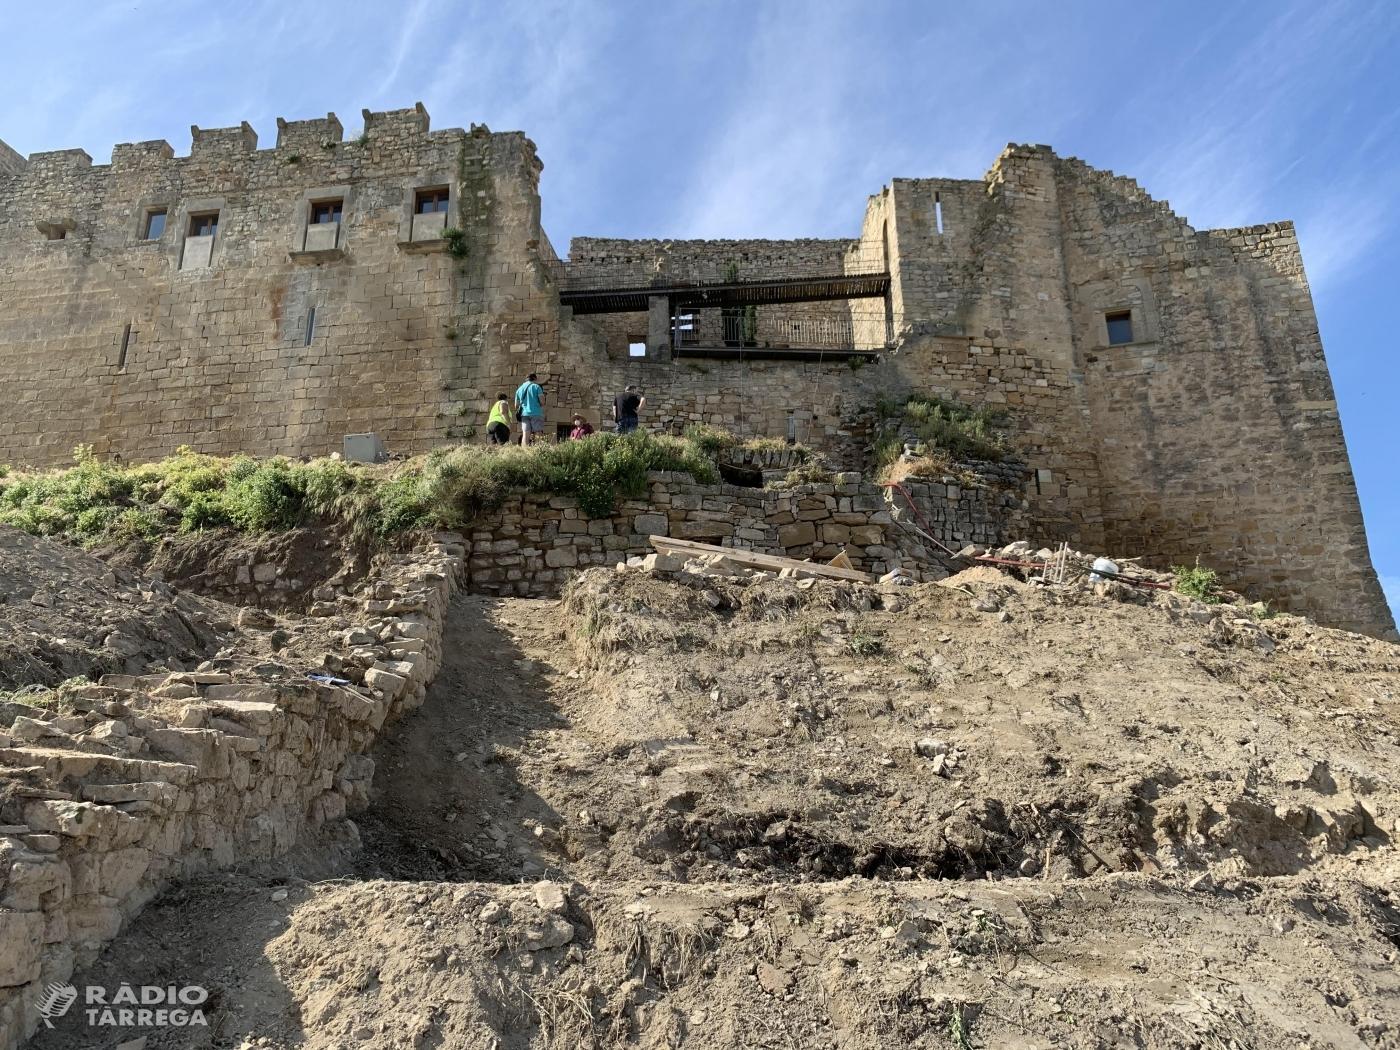 S'inicien les obres d'adequació del Castell de Ciutadilla